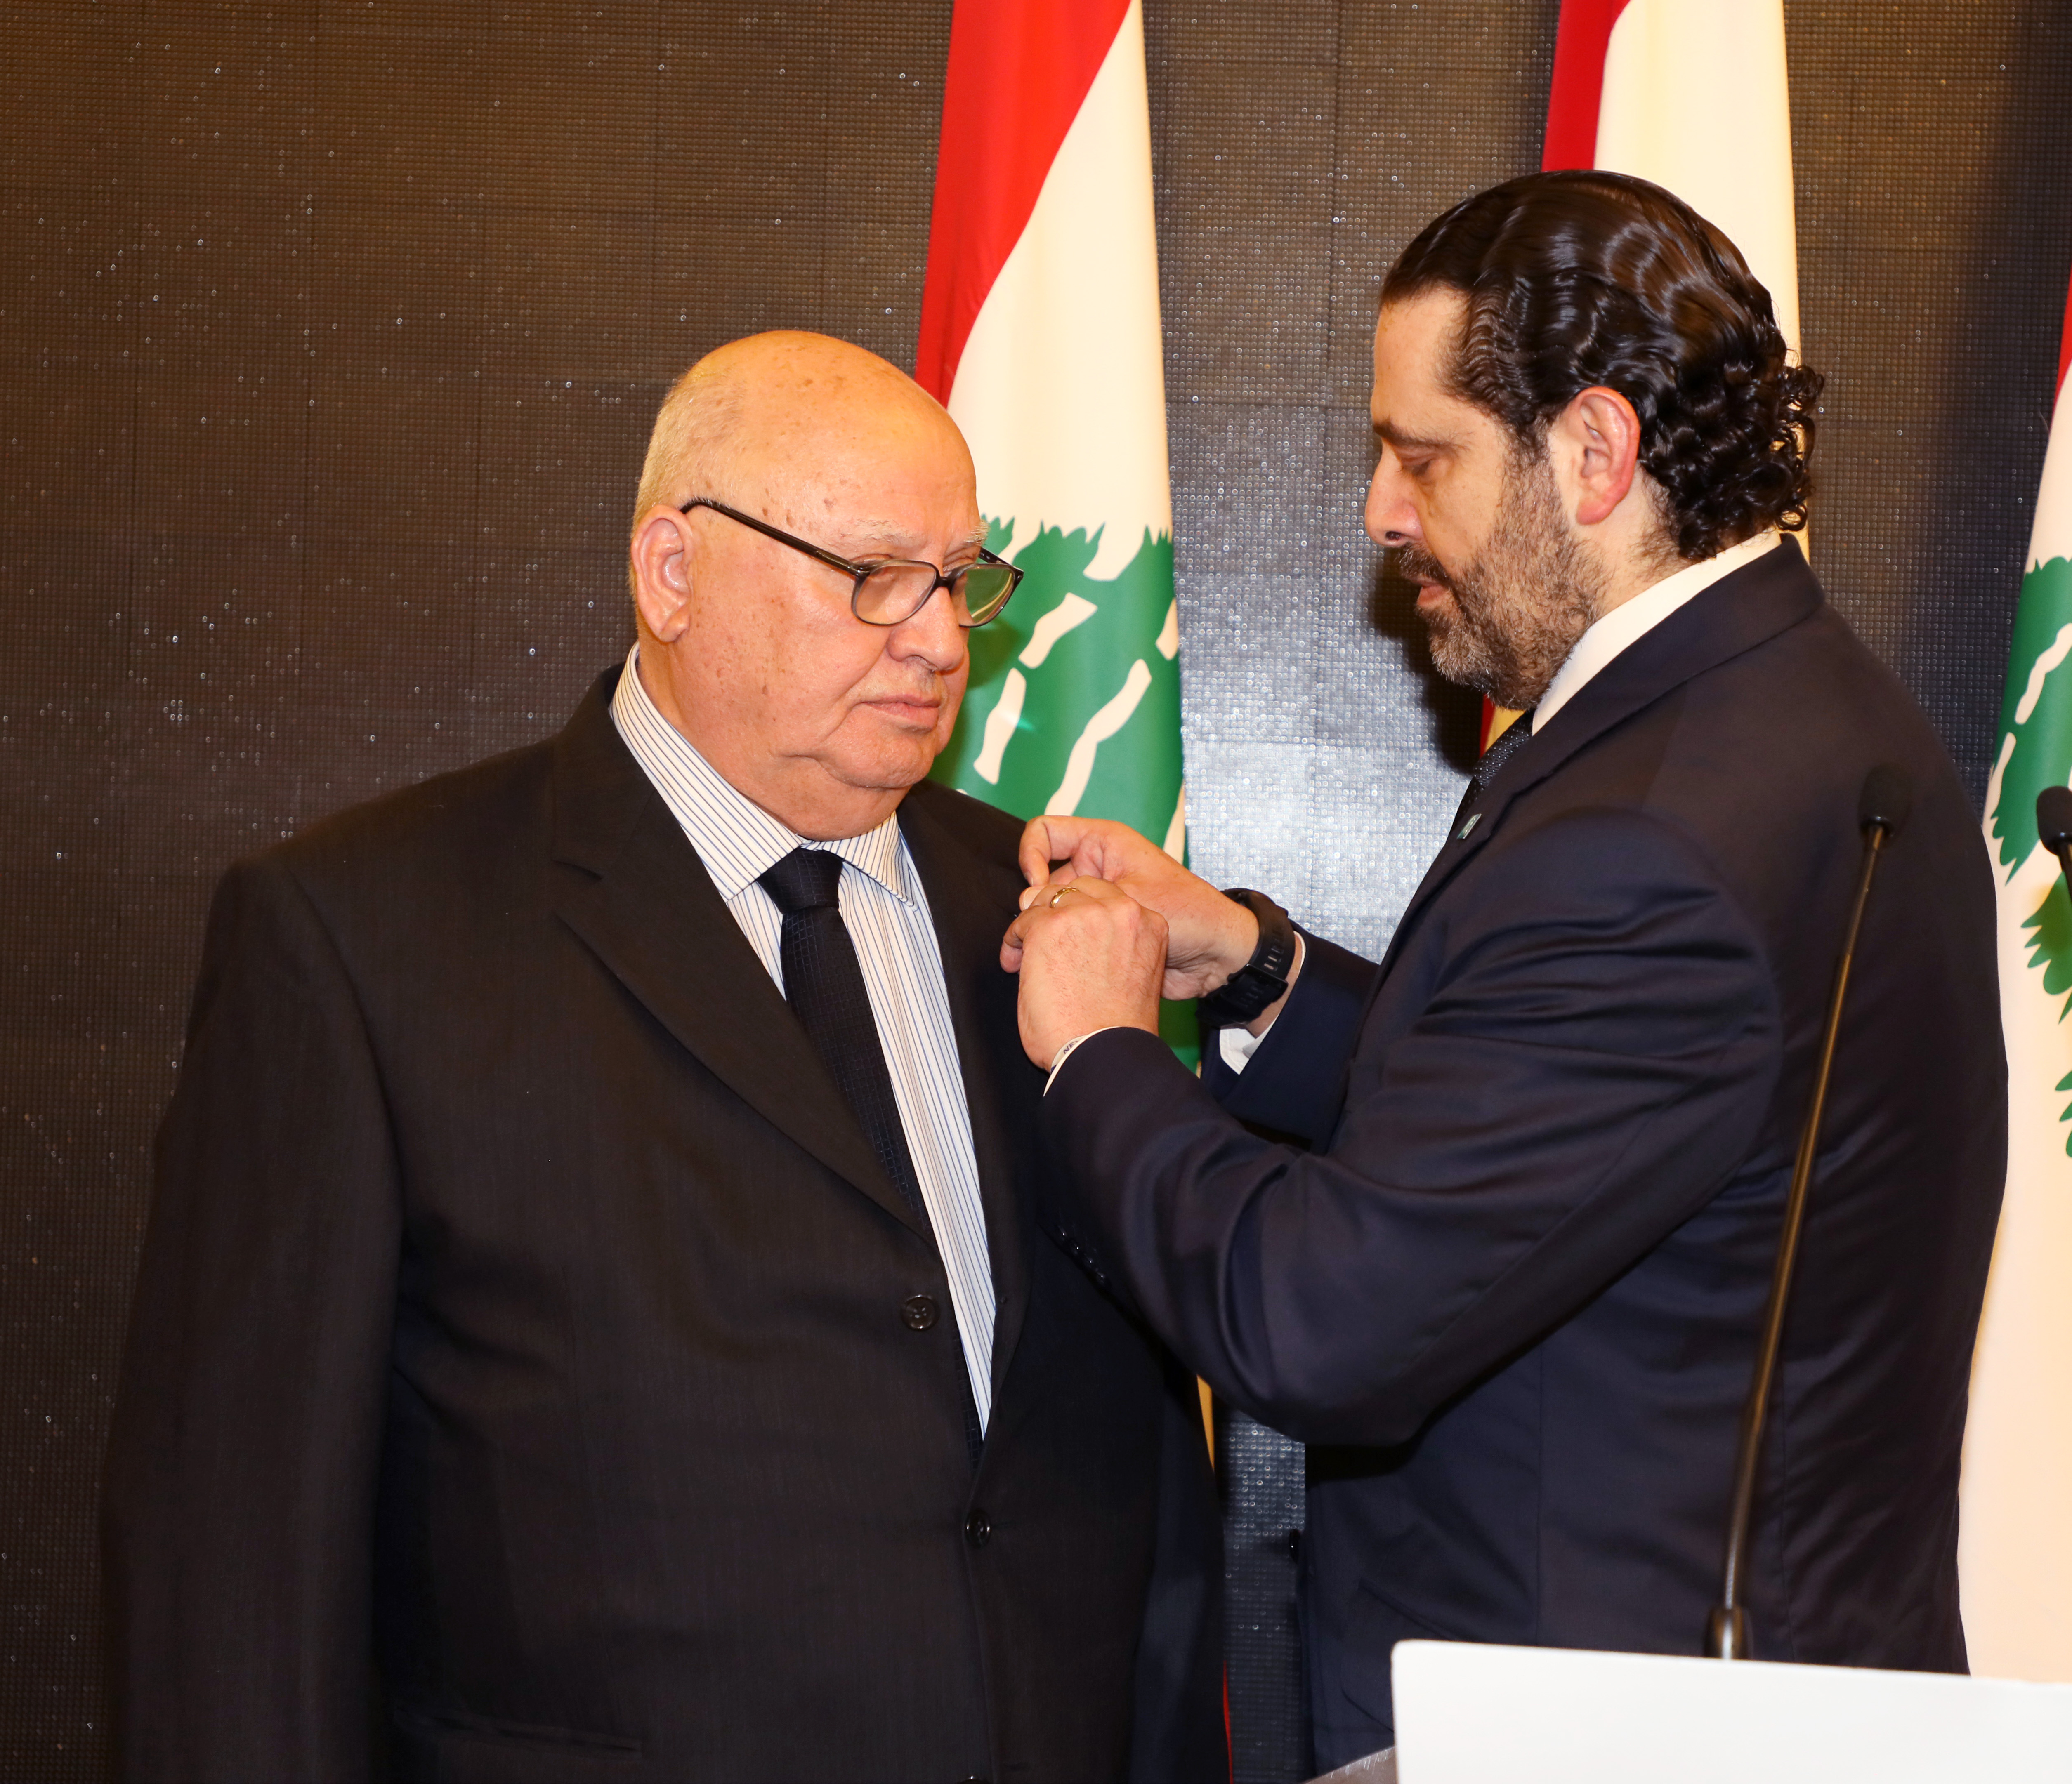 Pr Minister Saad Hariri Honors Mr Mouhamad el Saoudi 1